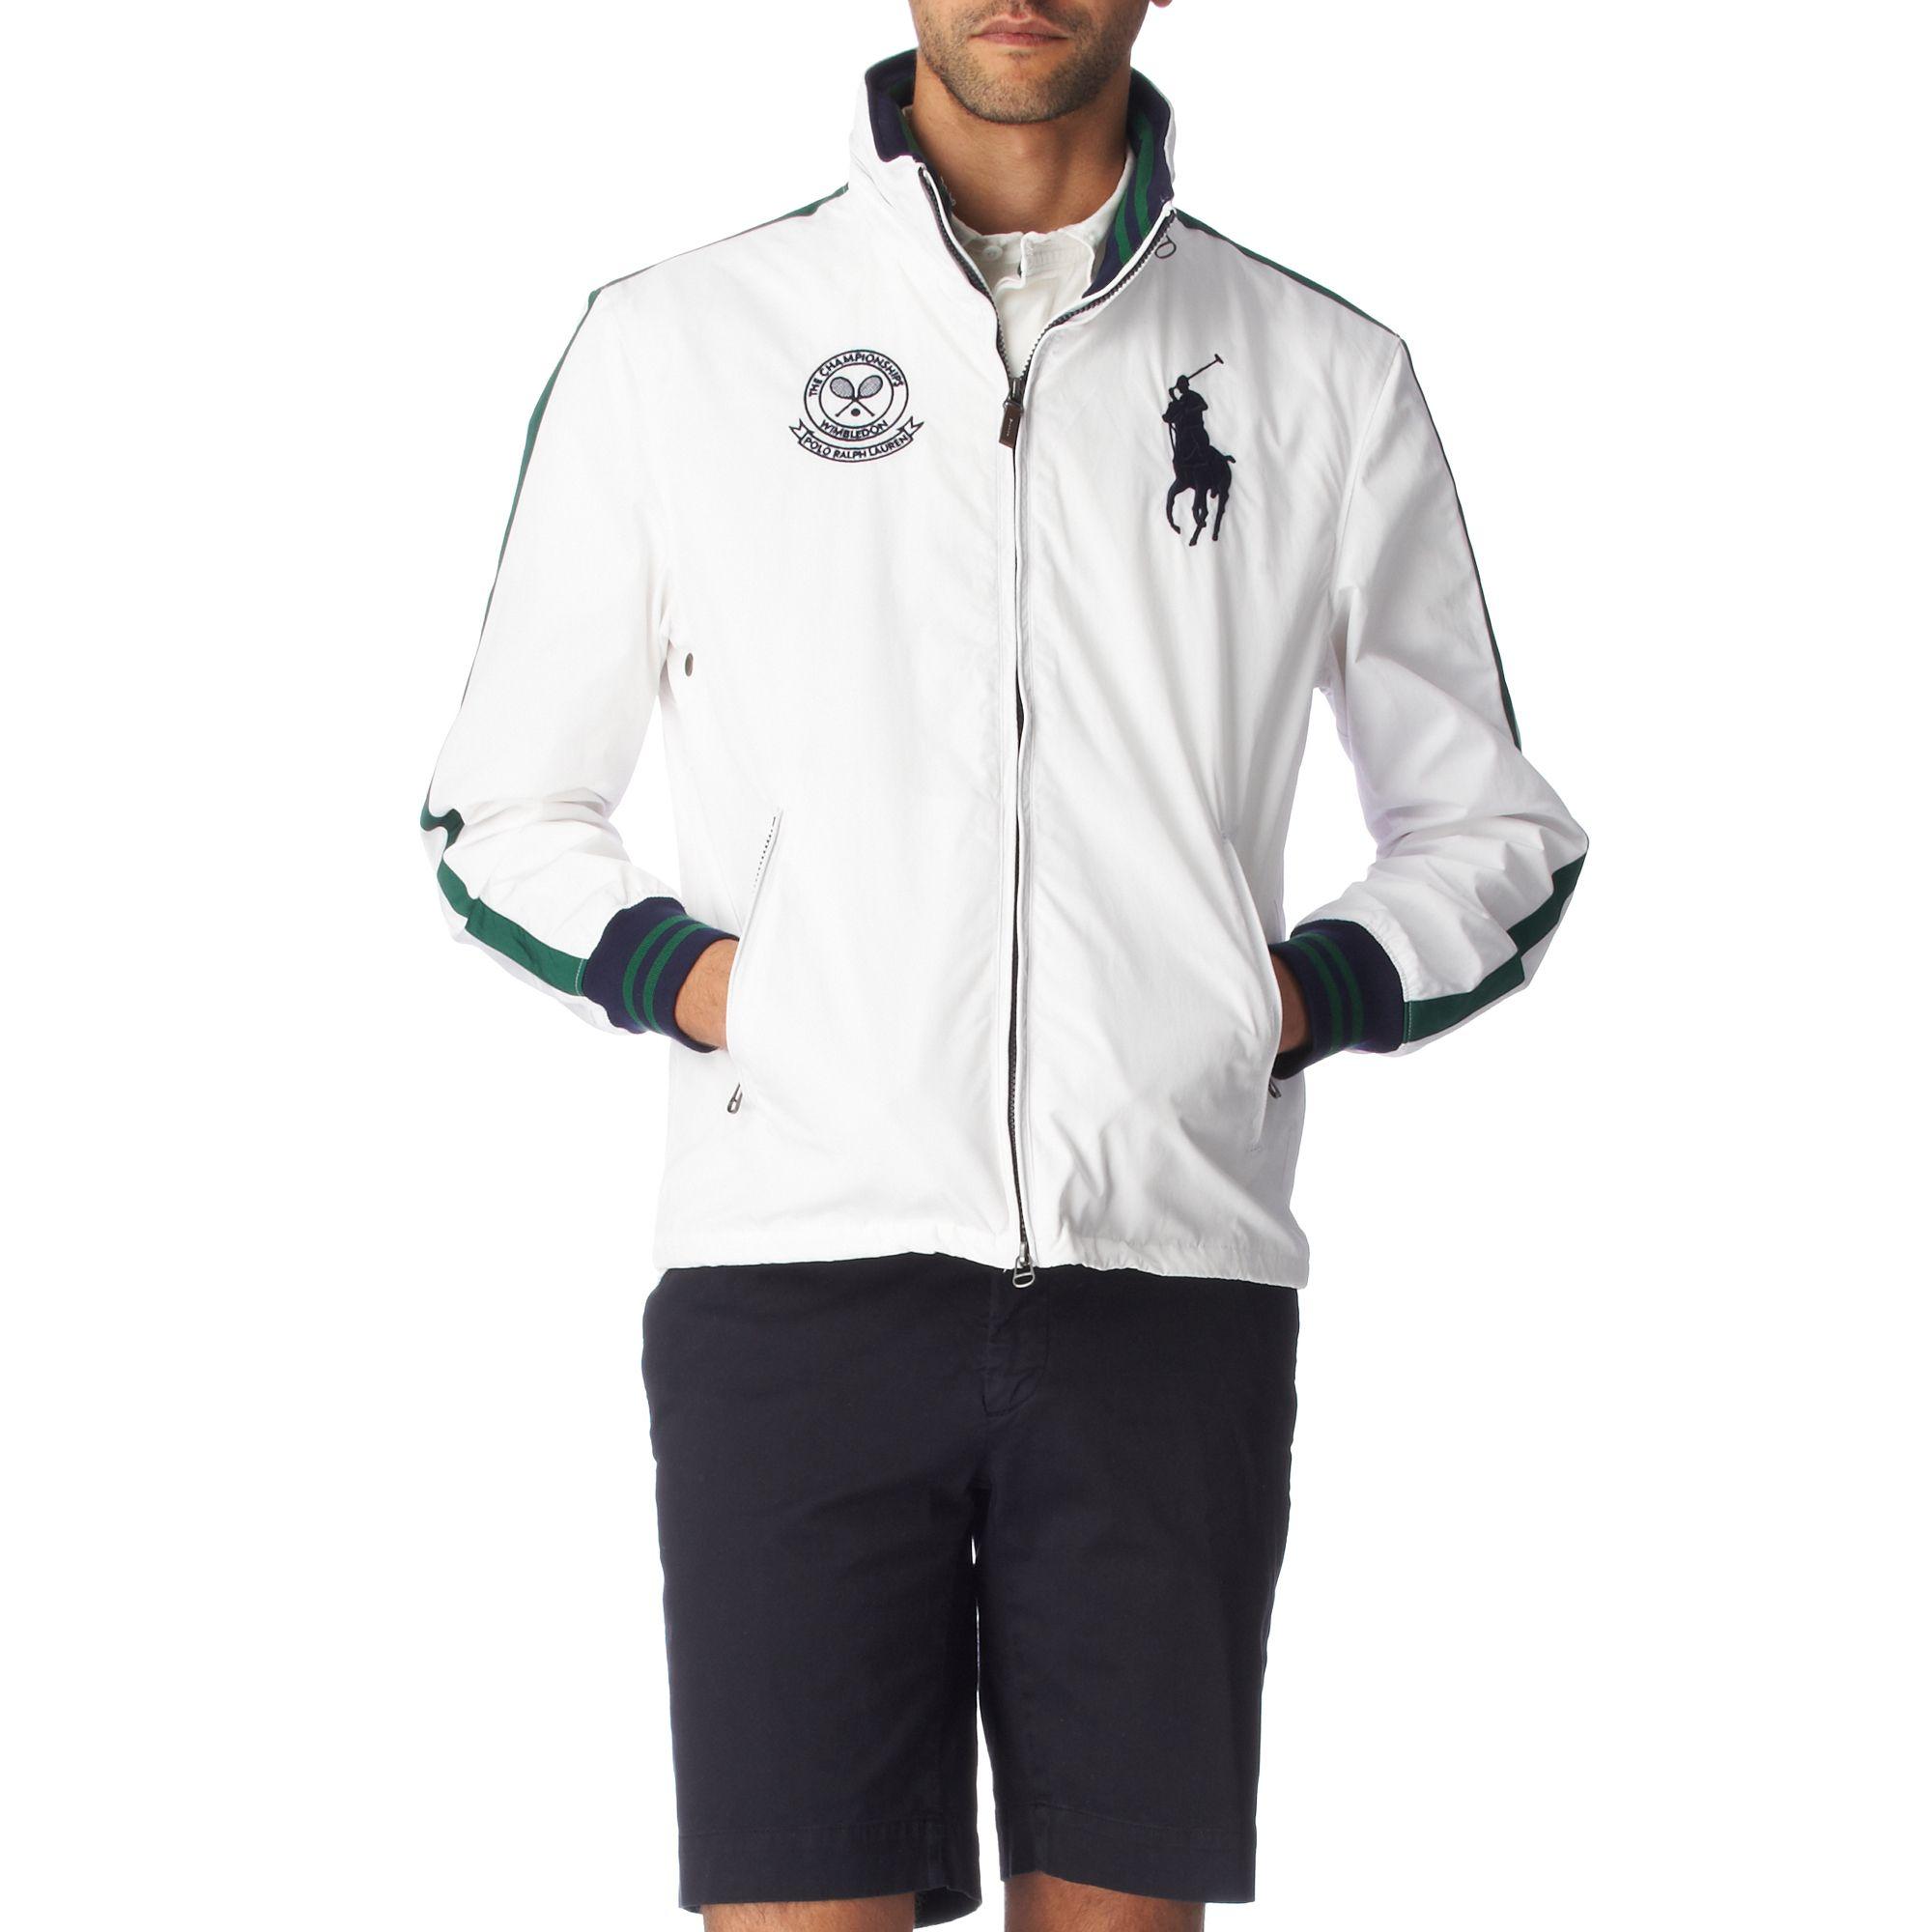 Ralph For Windbreaker Wimbledon White Cole Jacket Men Lauren In Lyst 08wOPnk